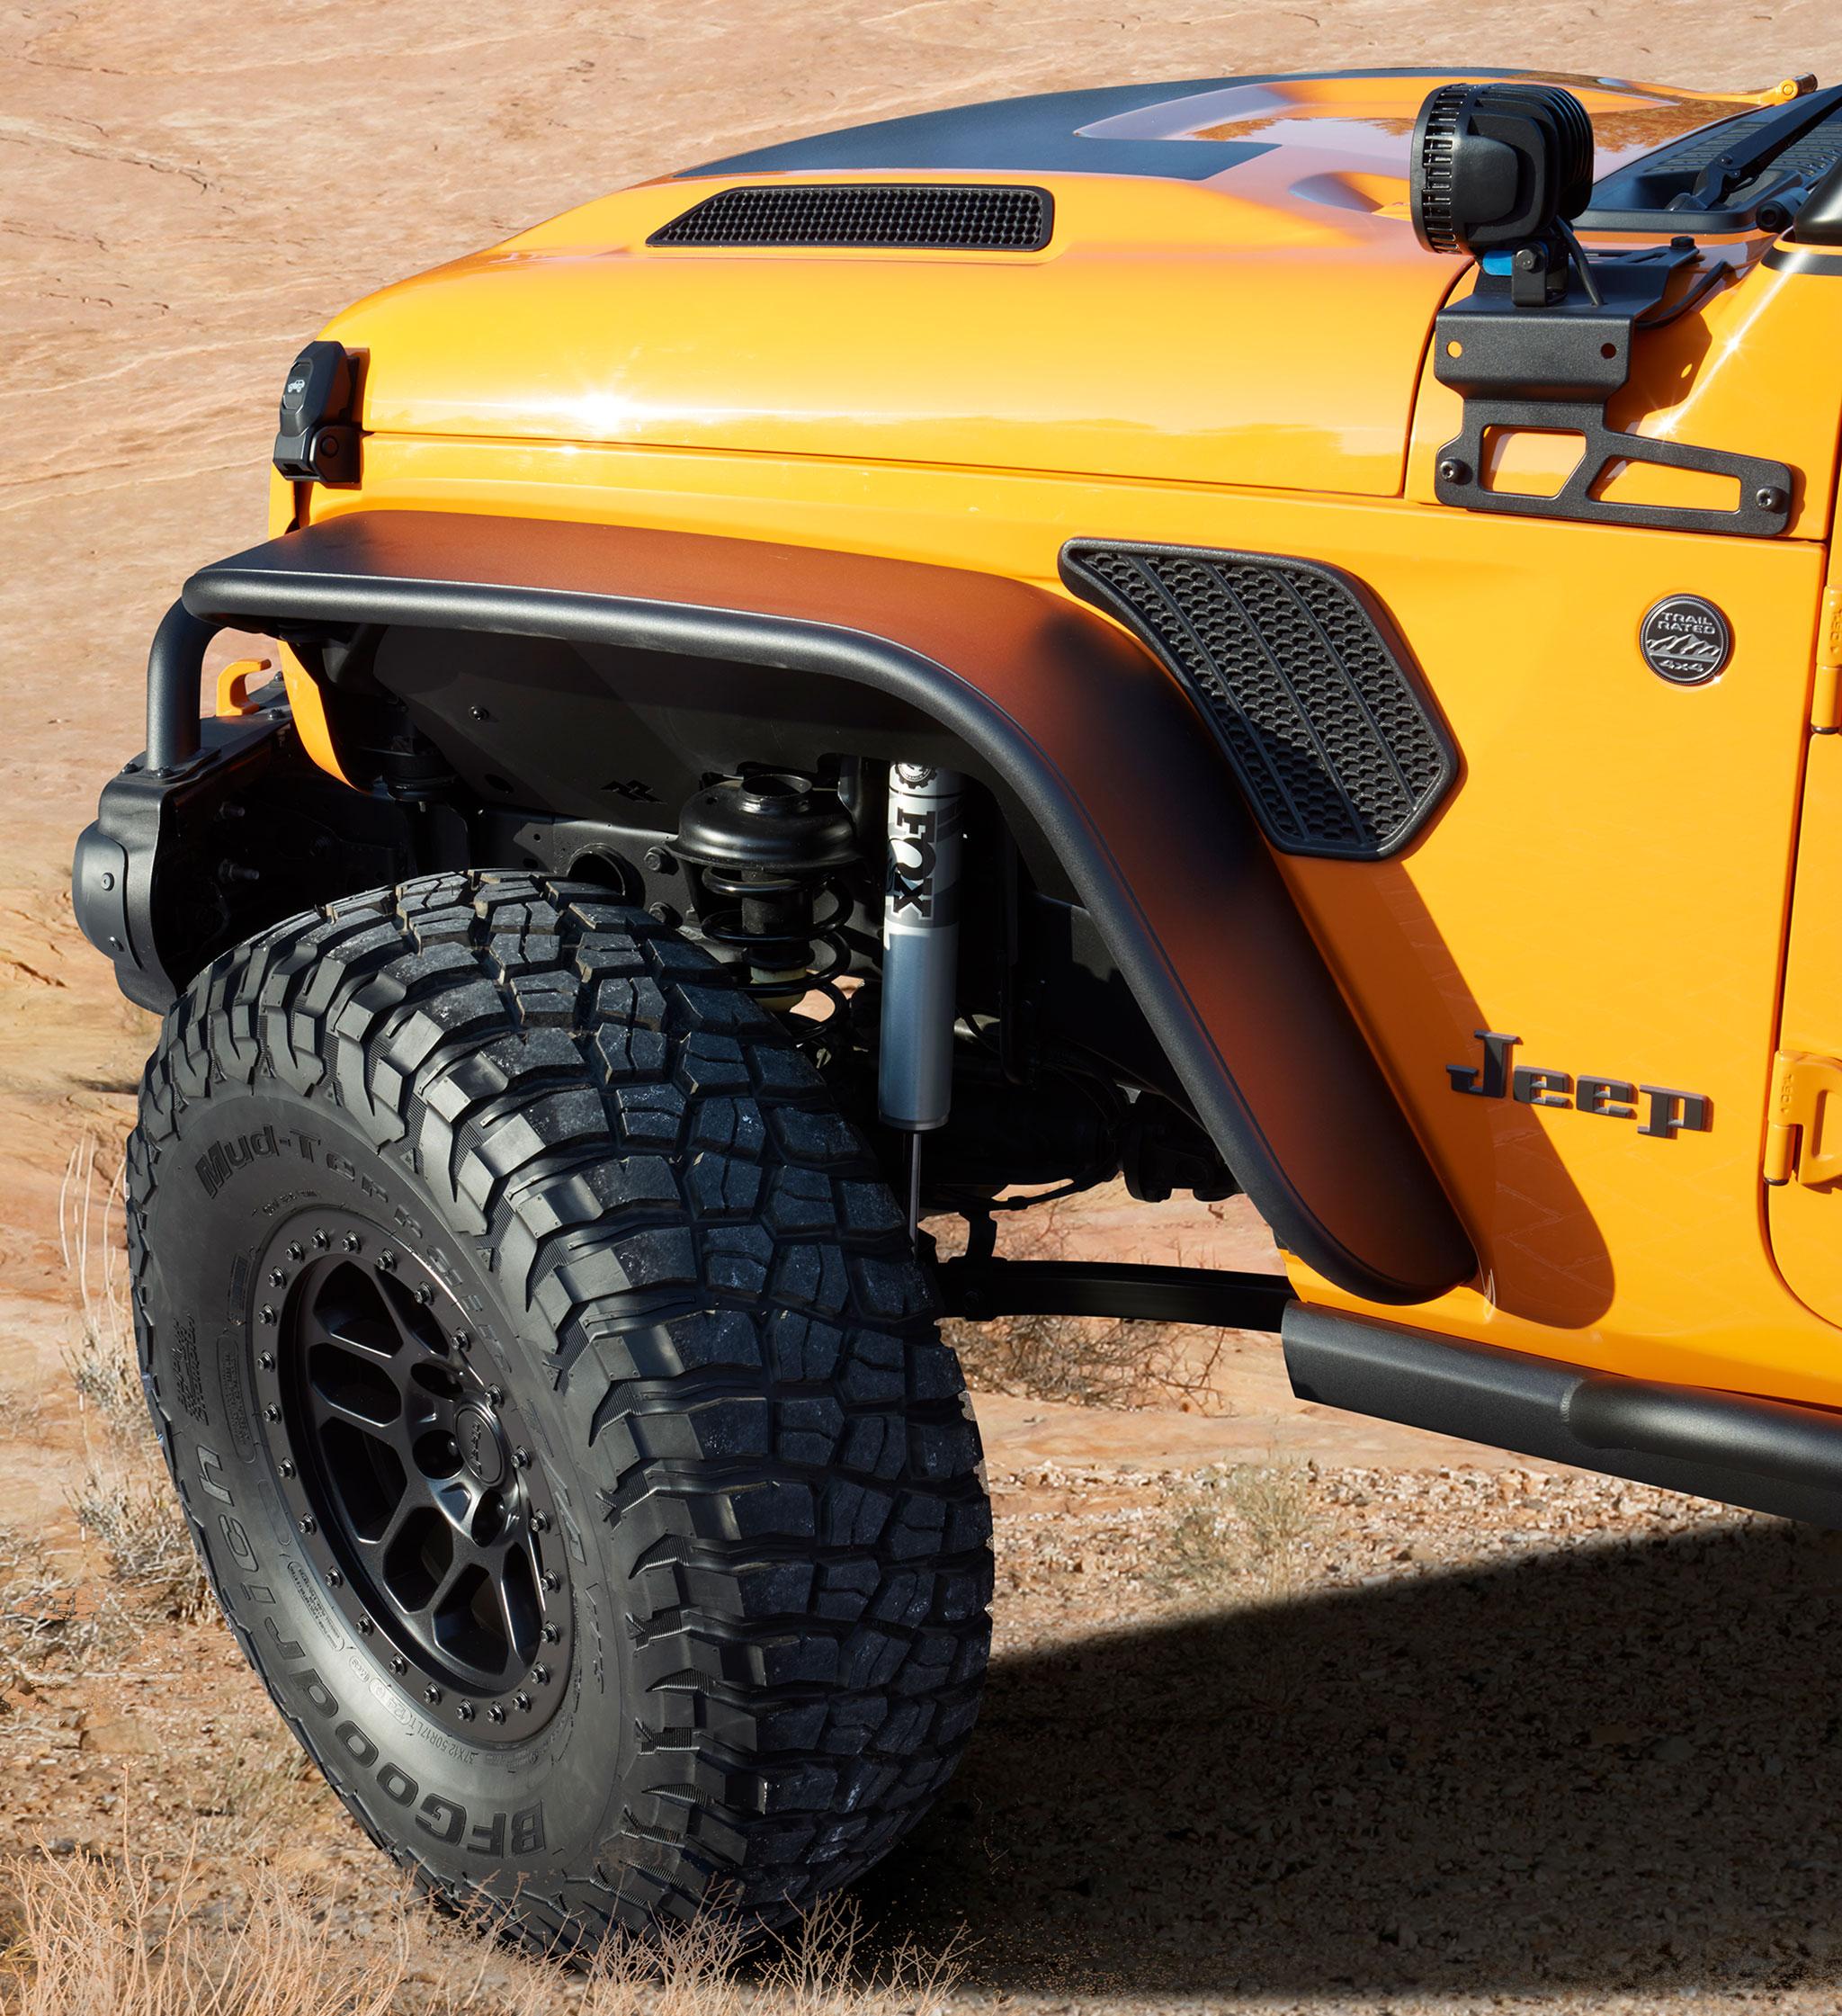 2021 Jeep Wrangler 2-Door Orange Peelz détail roue 37 pouces et amortisseurs FOX - Concept Cars de Jeep®.